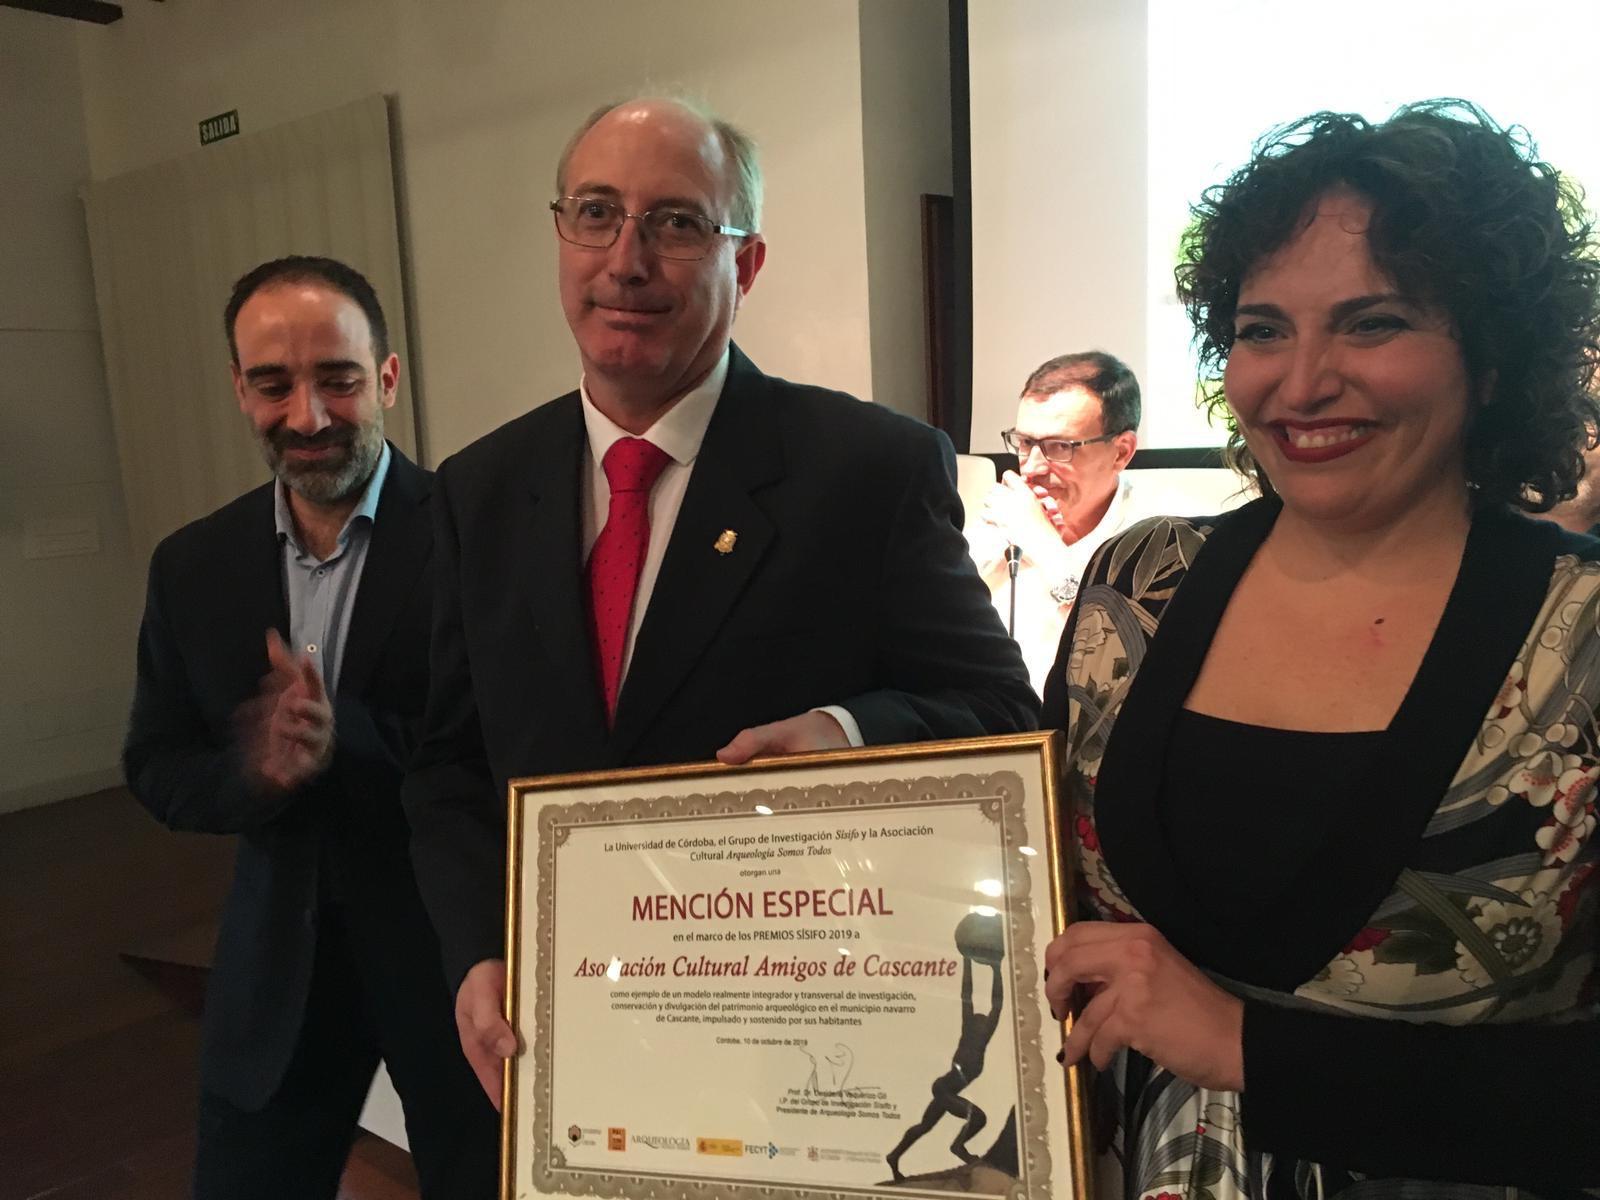 2019: Mención Especial del Premio Sísifo 2019 para la Semana Romana de Cascante. Santi Rueda y Marta con el diploma.